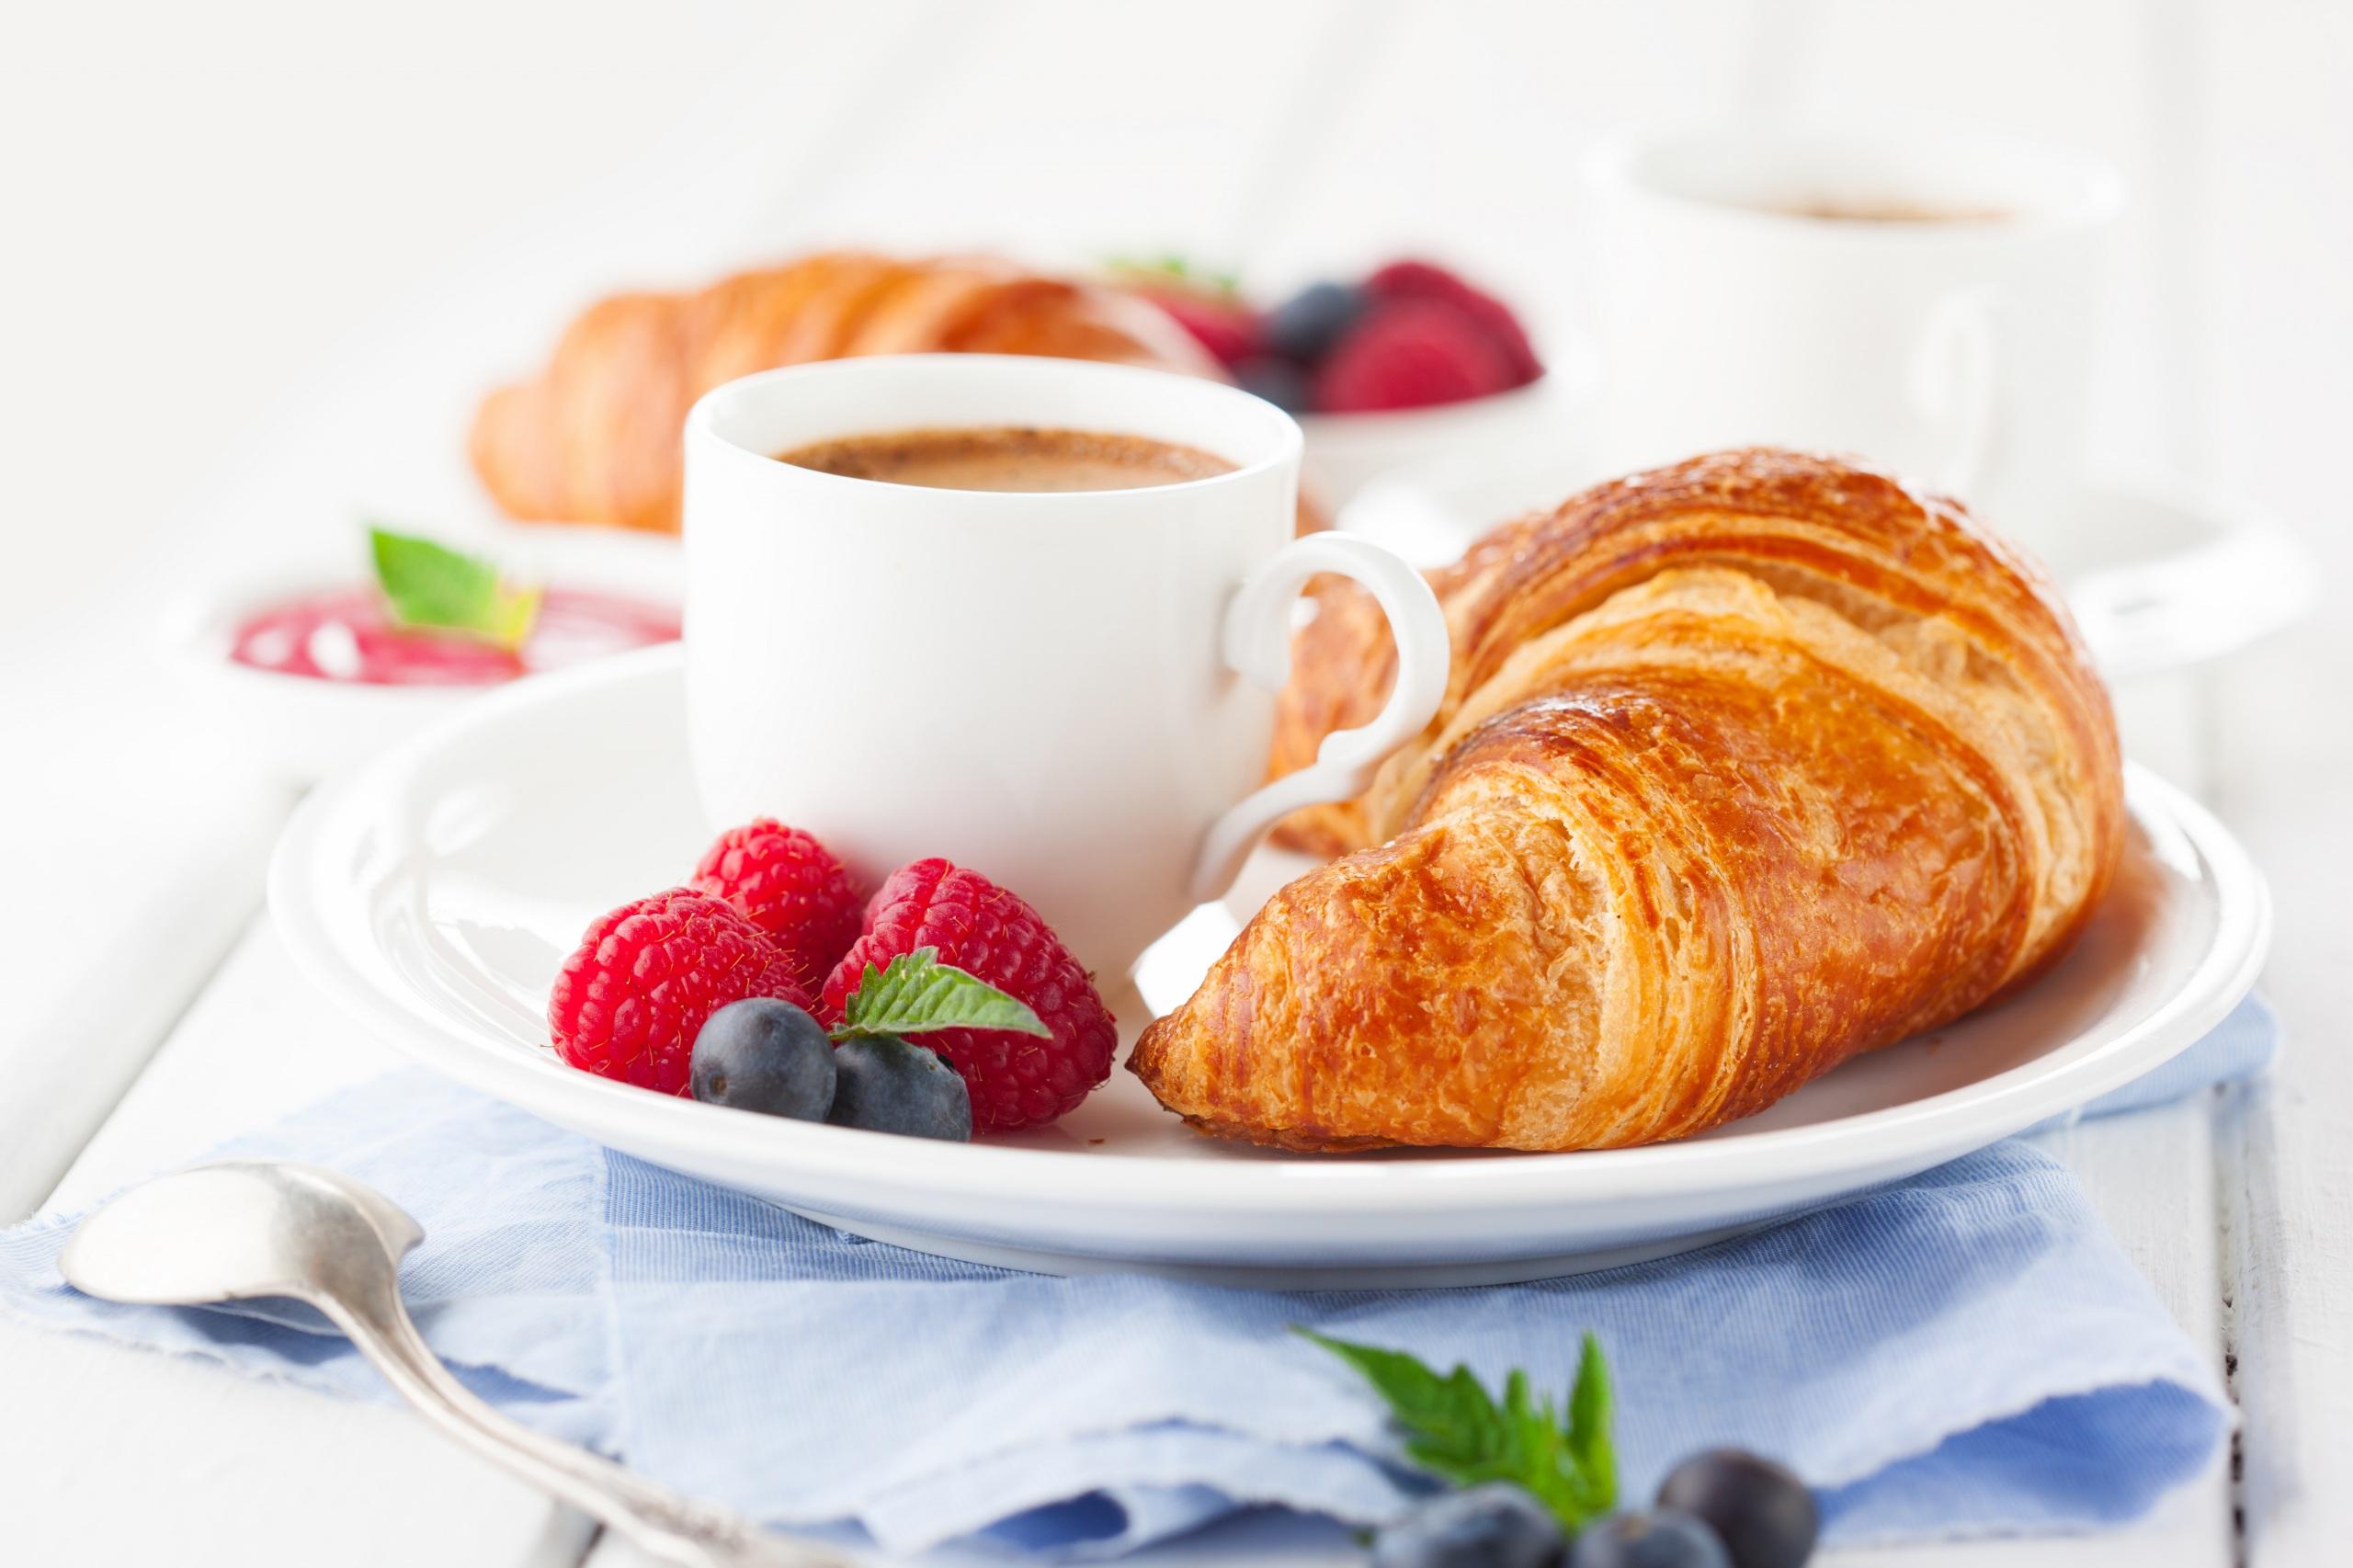 Bilder von Kaffee Croissant Frühstück Himbeeren Heidelbeeren Tasse Lebensmittel 2560x1706